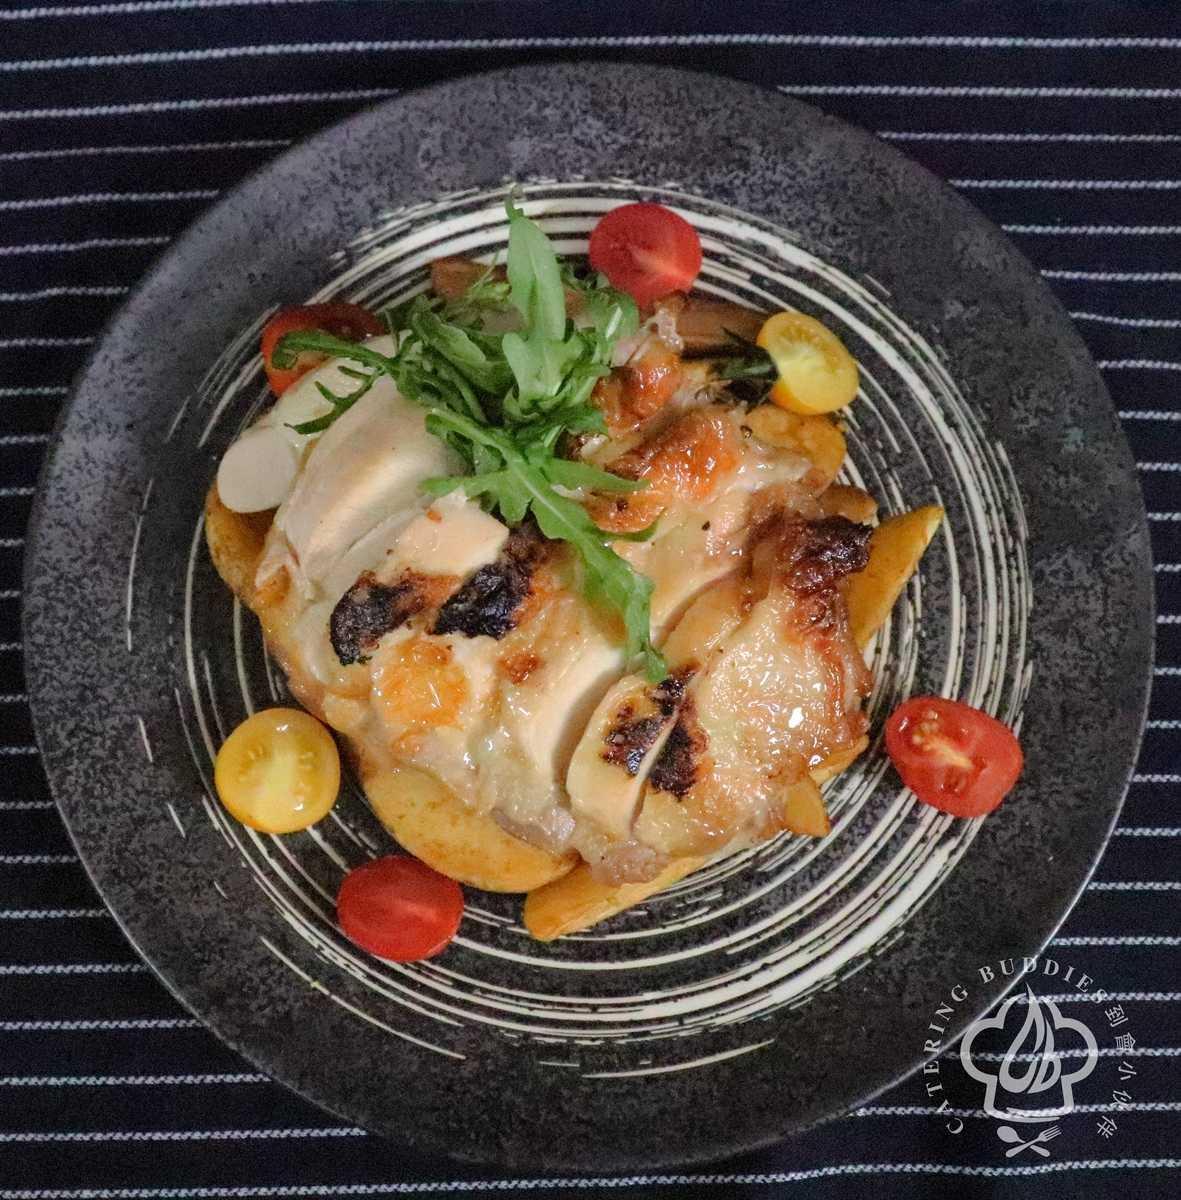 椰香沙嗲燒雞扒拼薯角 (兩磅裝)